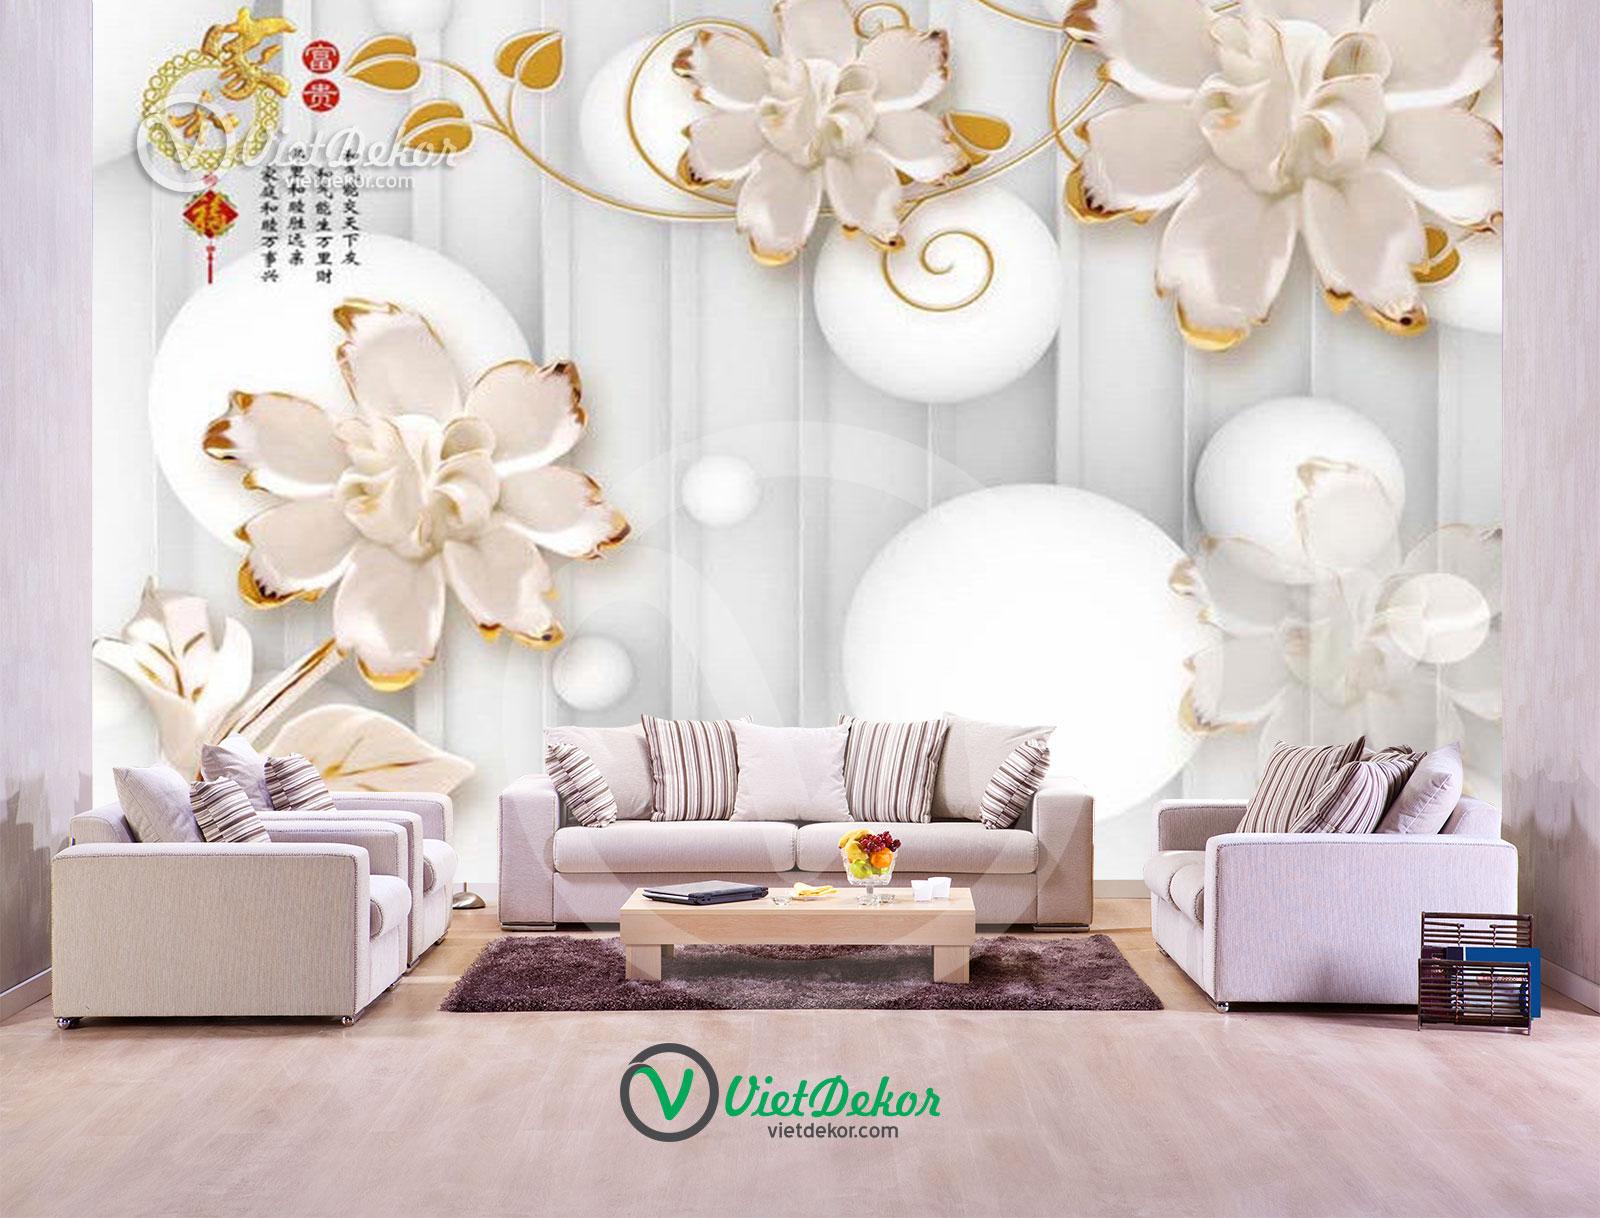 Tranh dán tường 3d hoa trang sức phòng ngủ